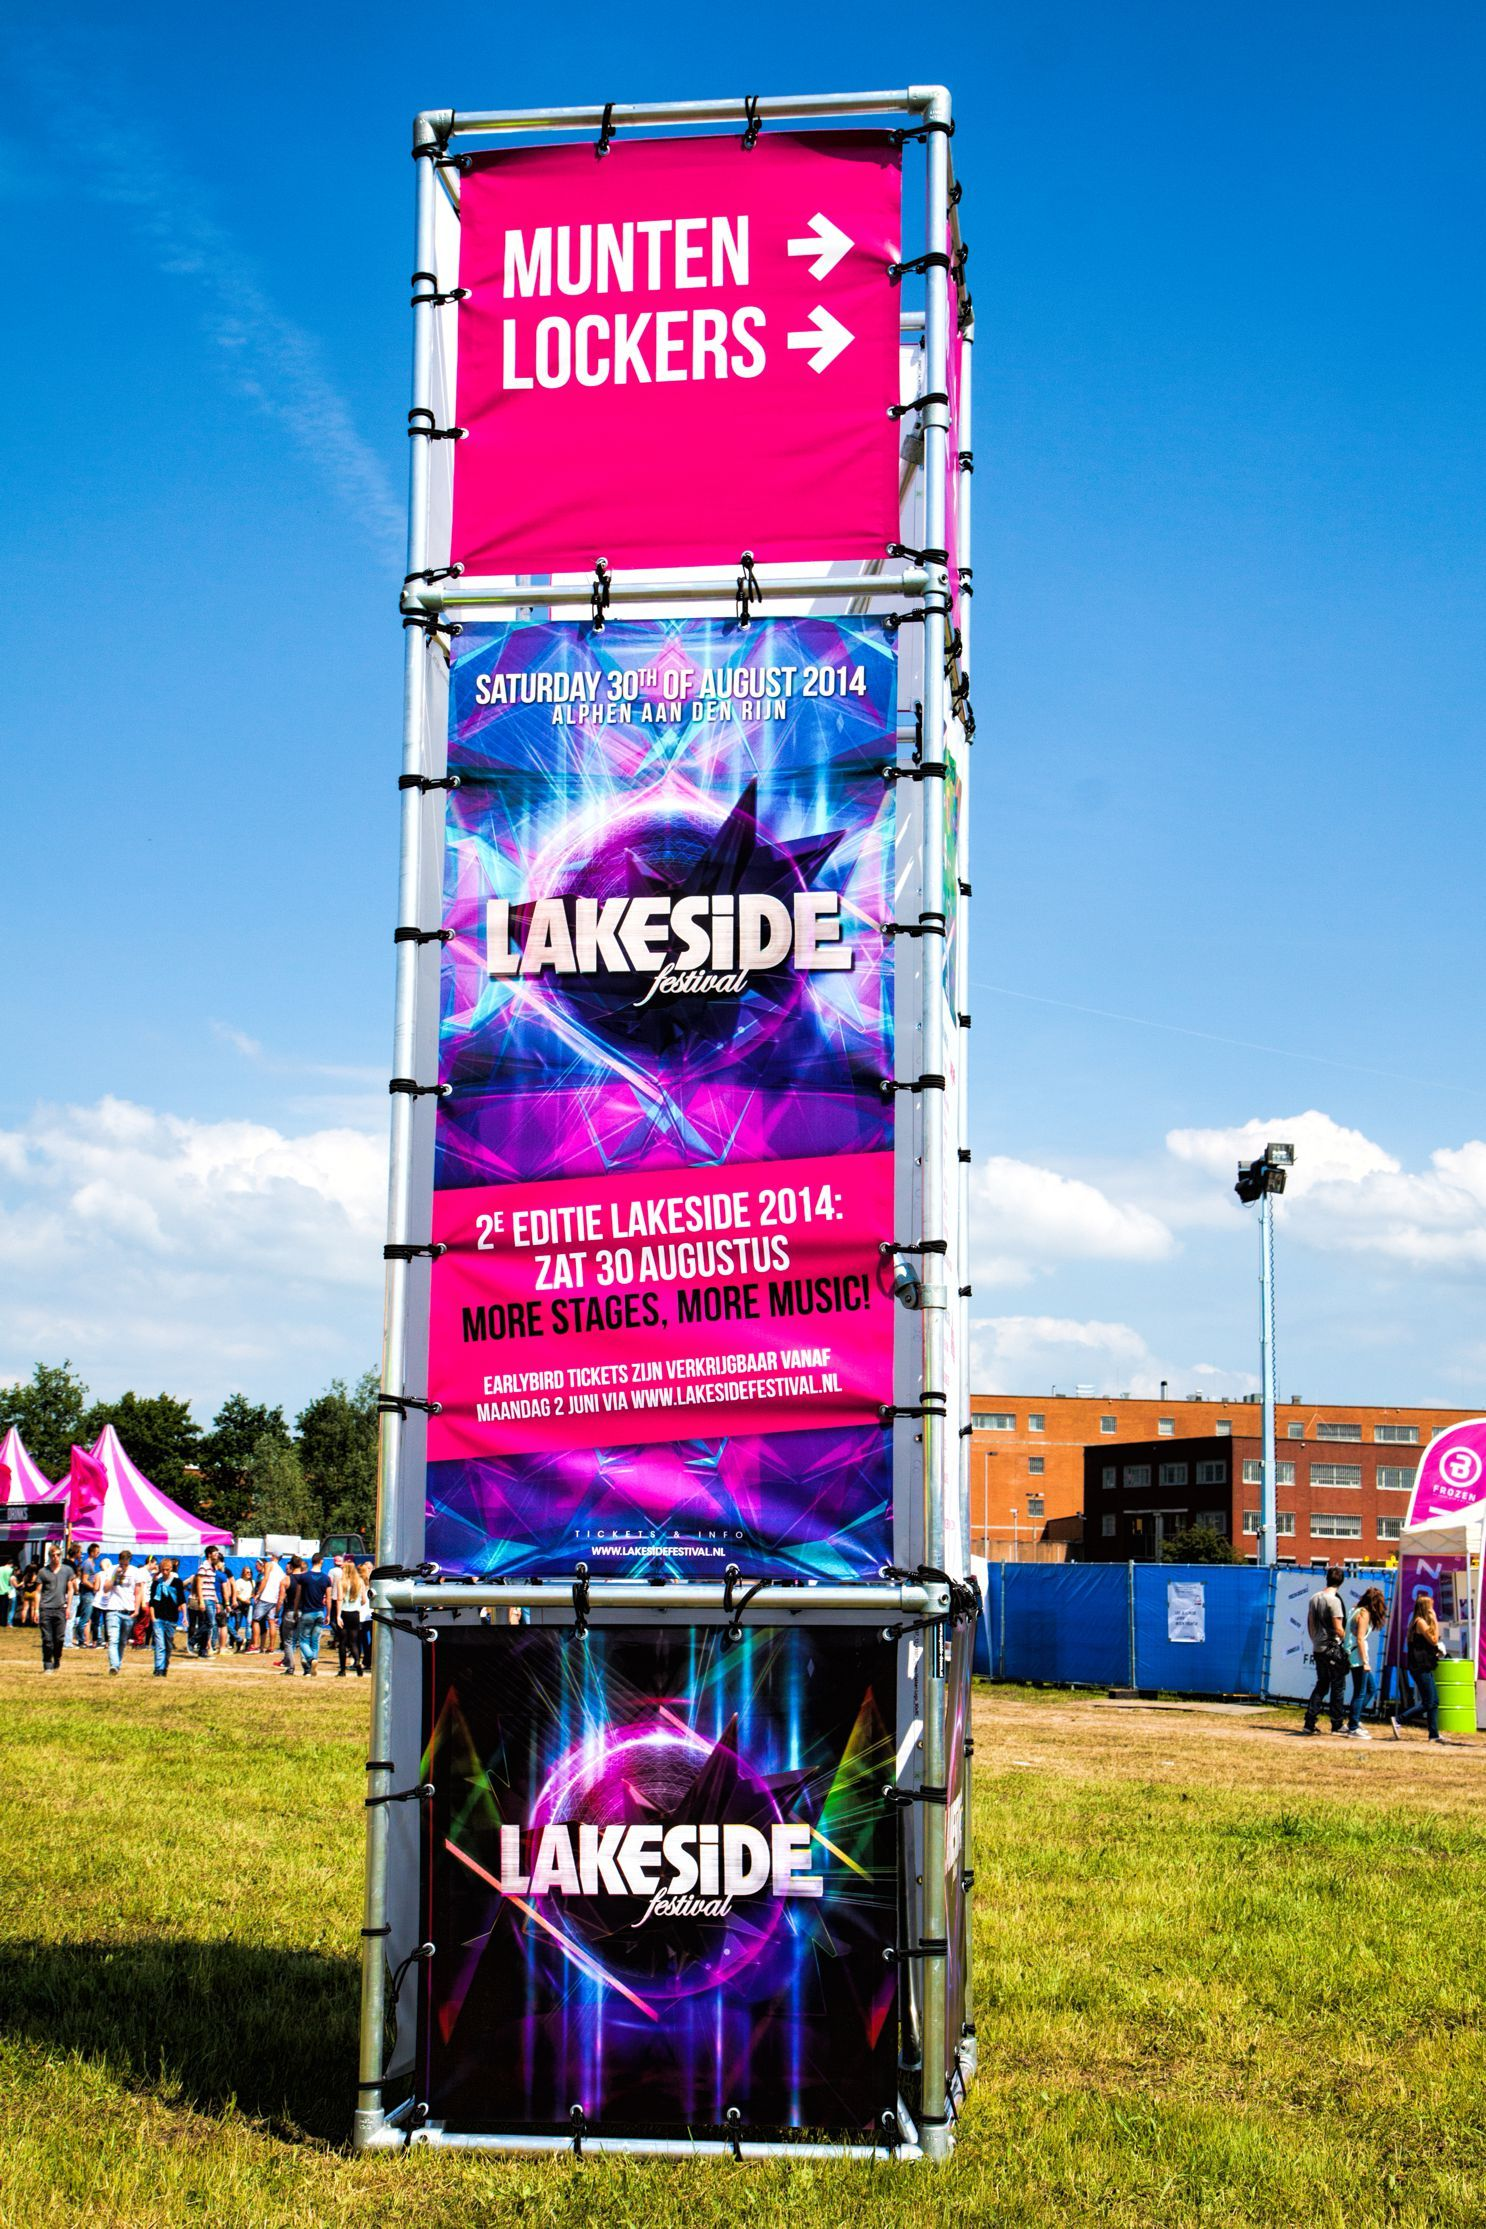 Torenframe @ Lakeside Festival